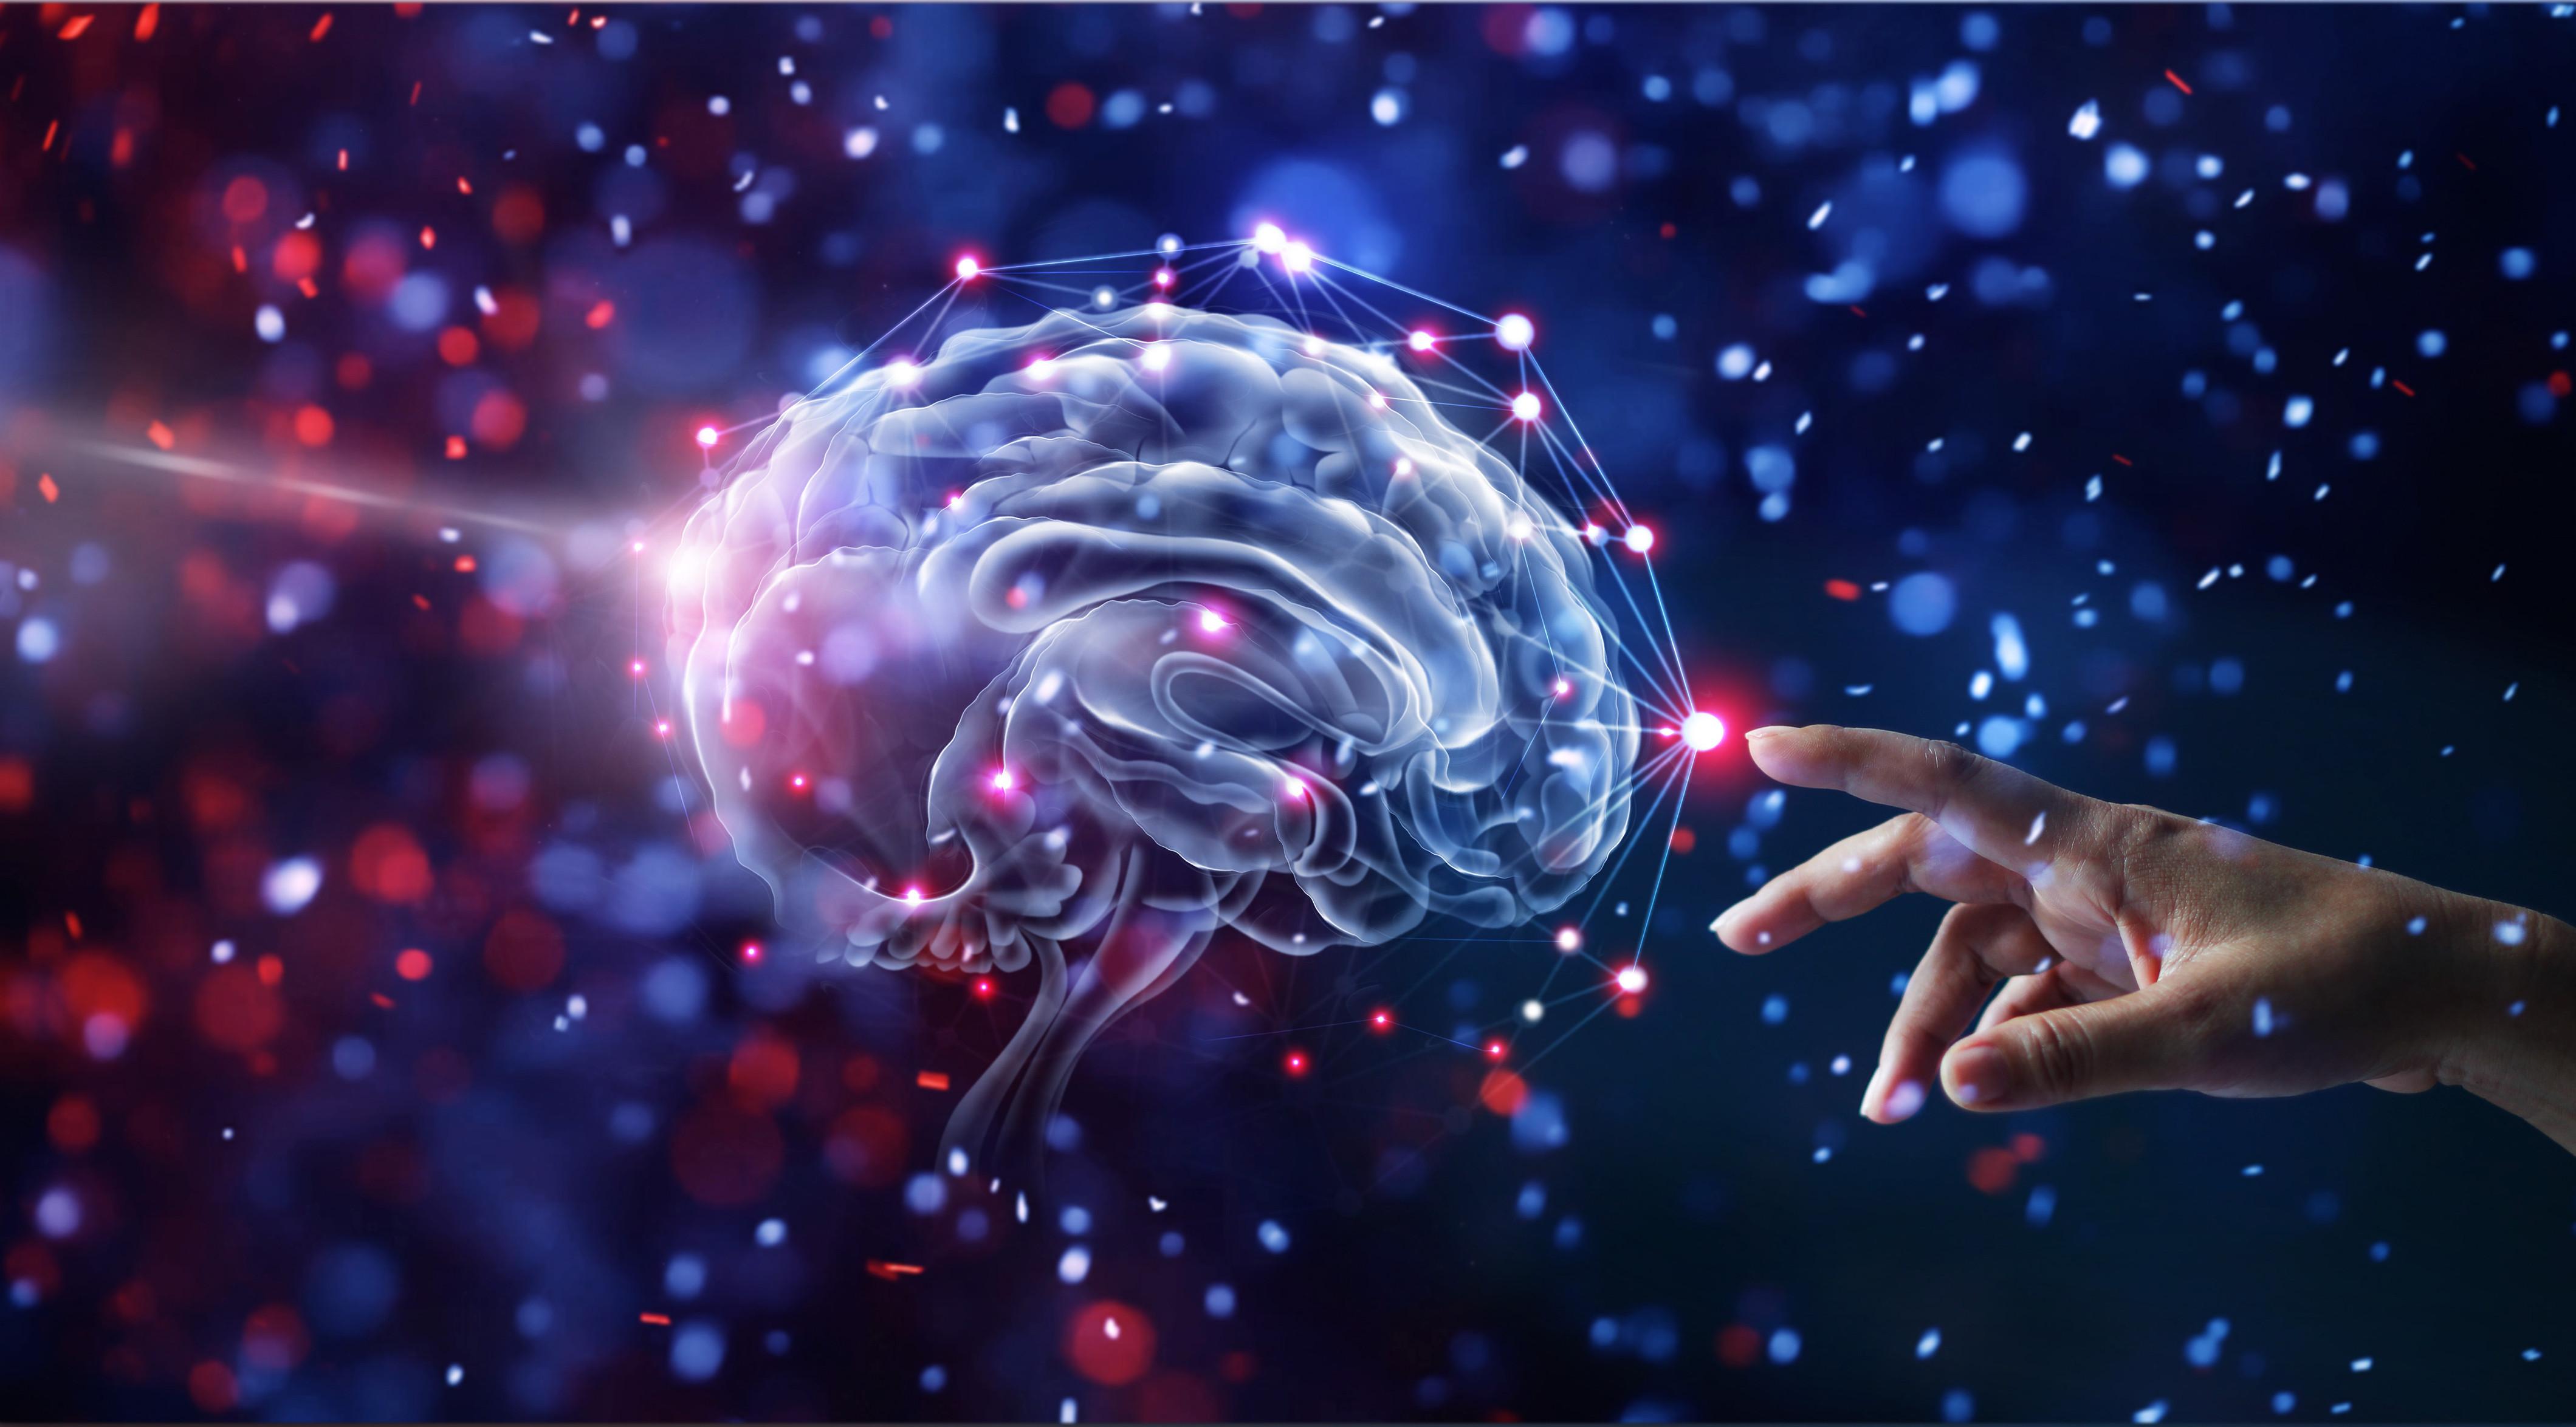 O caso bizarro que levou à descoberta de que temos 'dois cérebros'